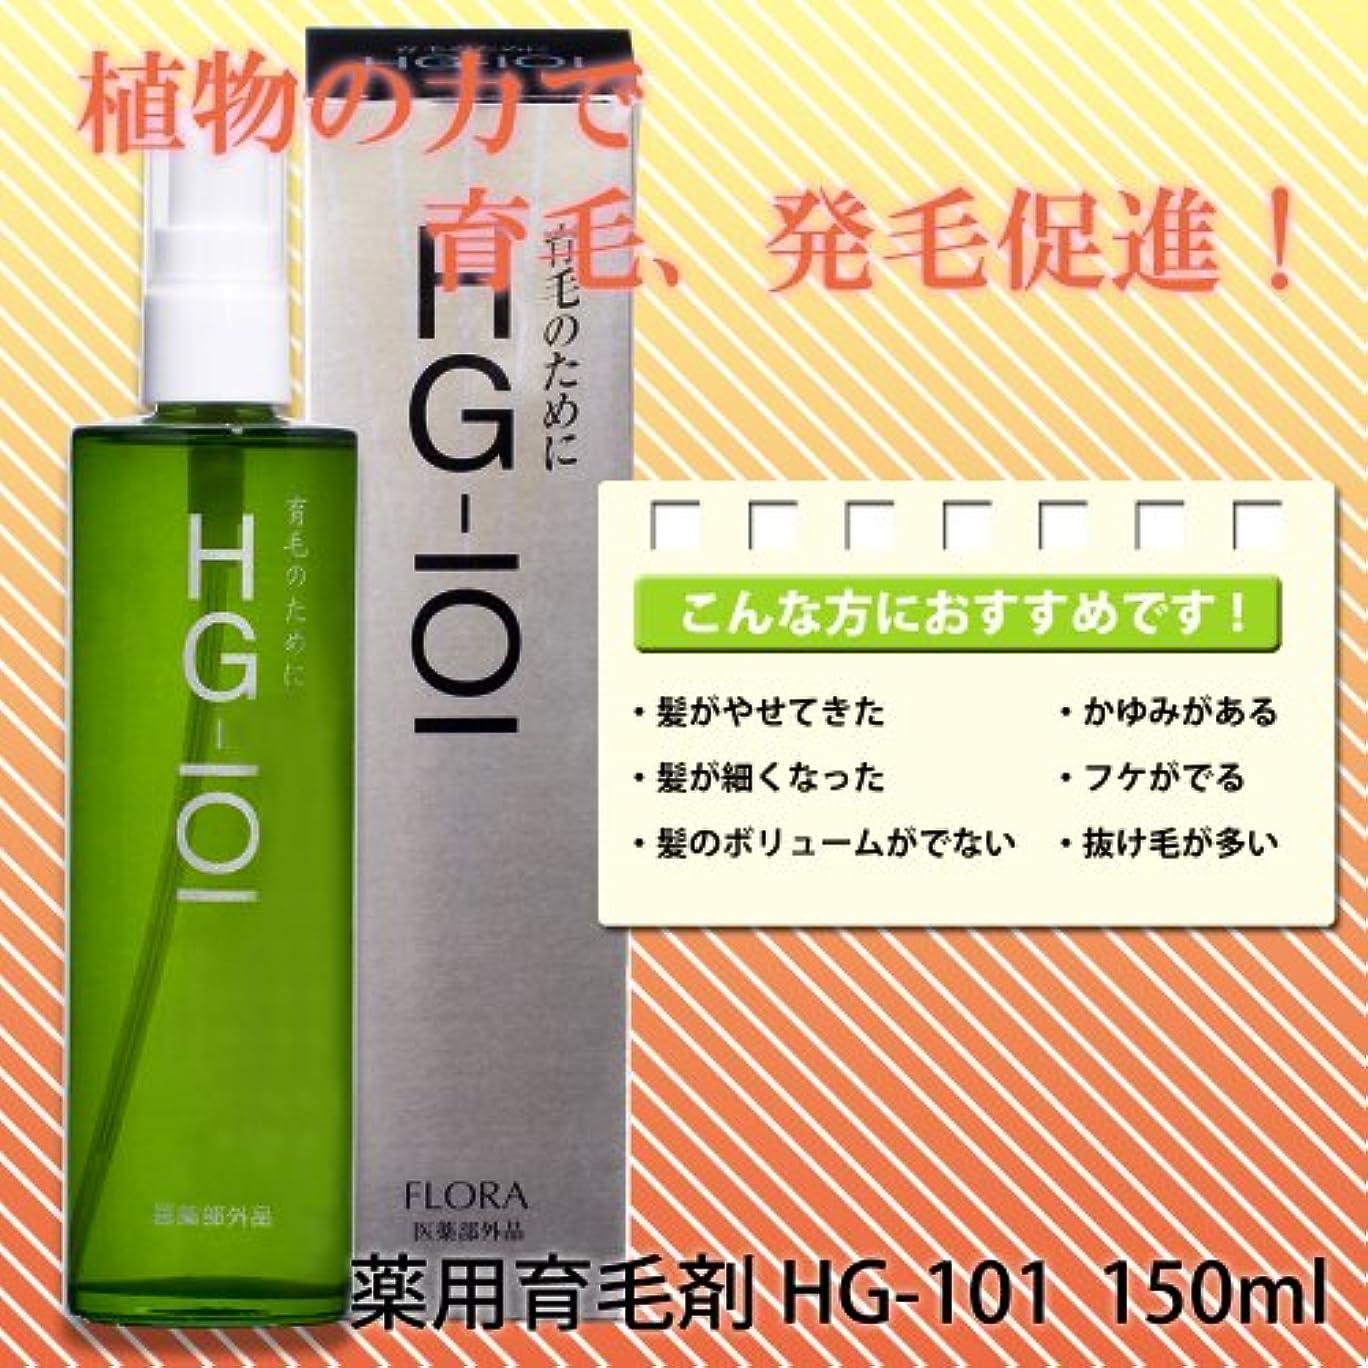 お性格ムスタチオ薬用育毛剤HG-101 150ml